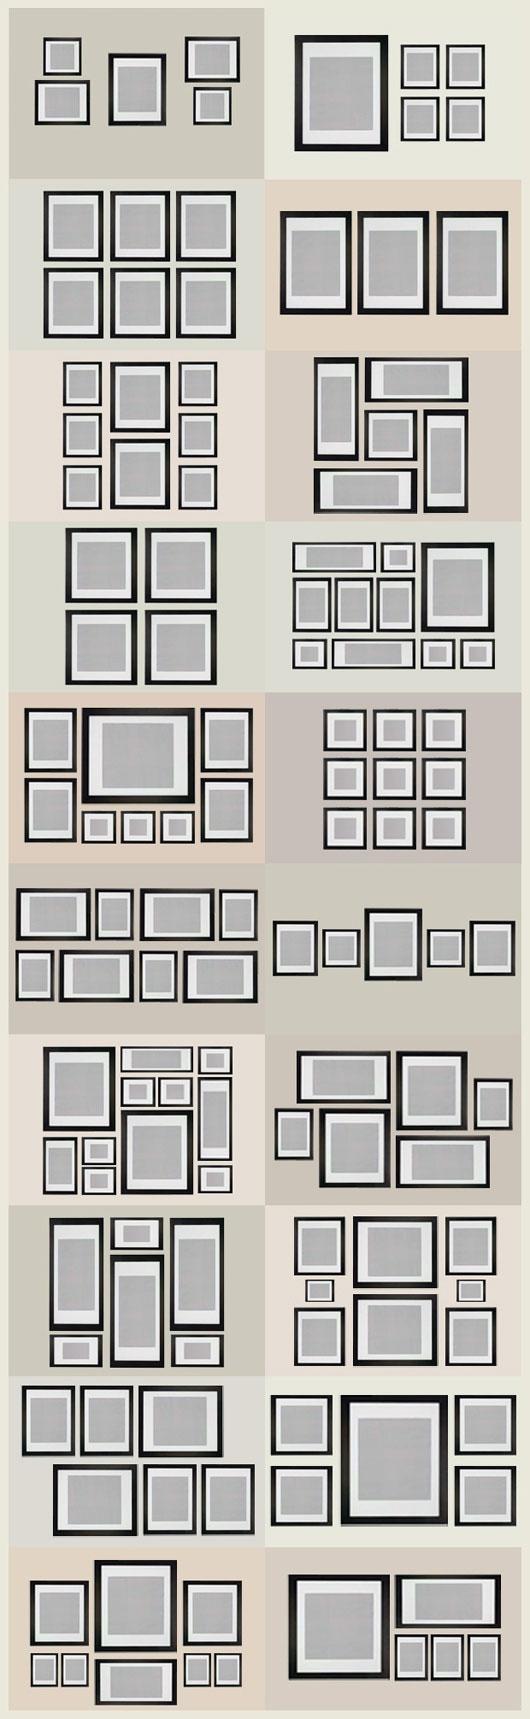 Algunas ideas para organizar cuadros en la pared | Pinterest ...